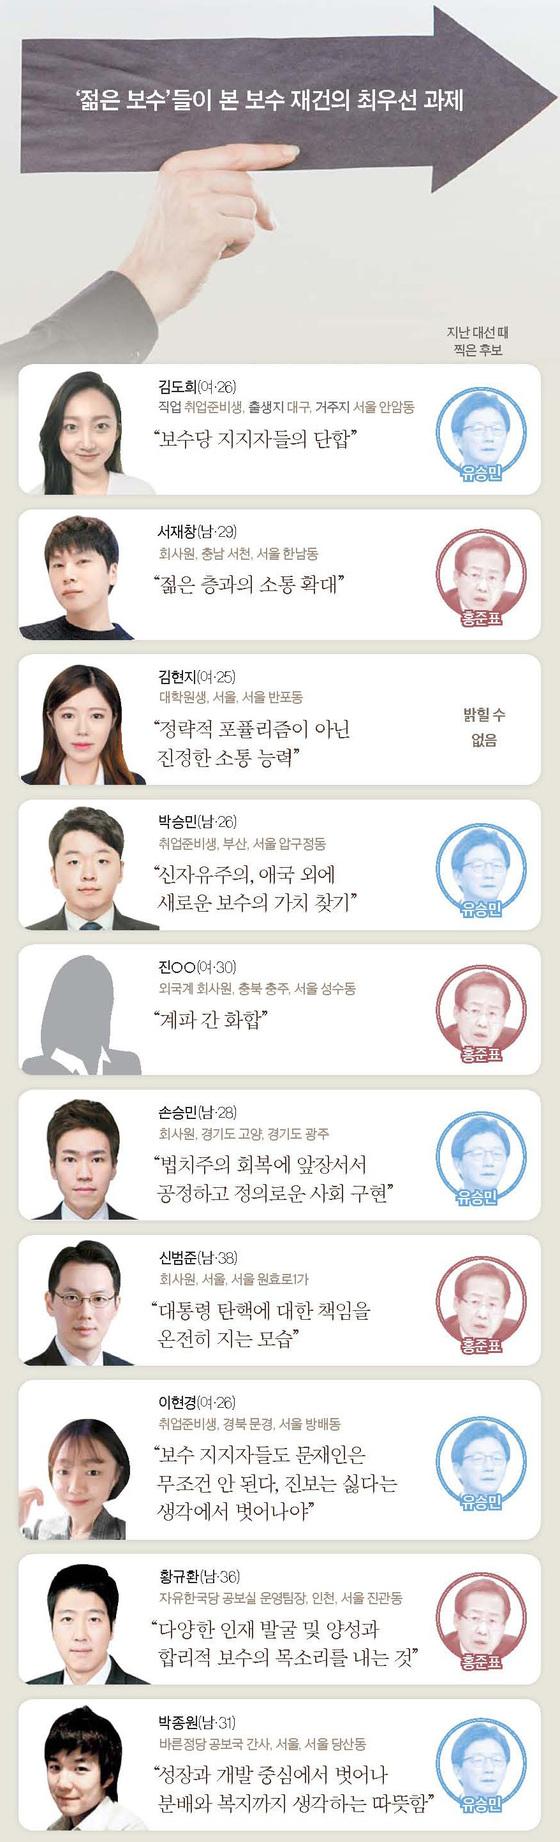 """""""10년 정도는 집권 않고 보수 혁신한다는 각오 가져야"""""""